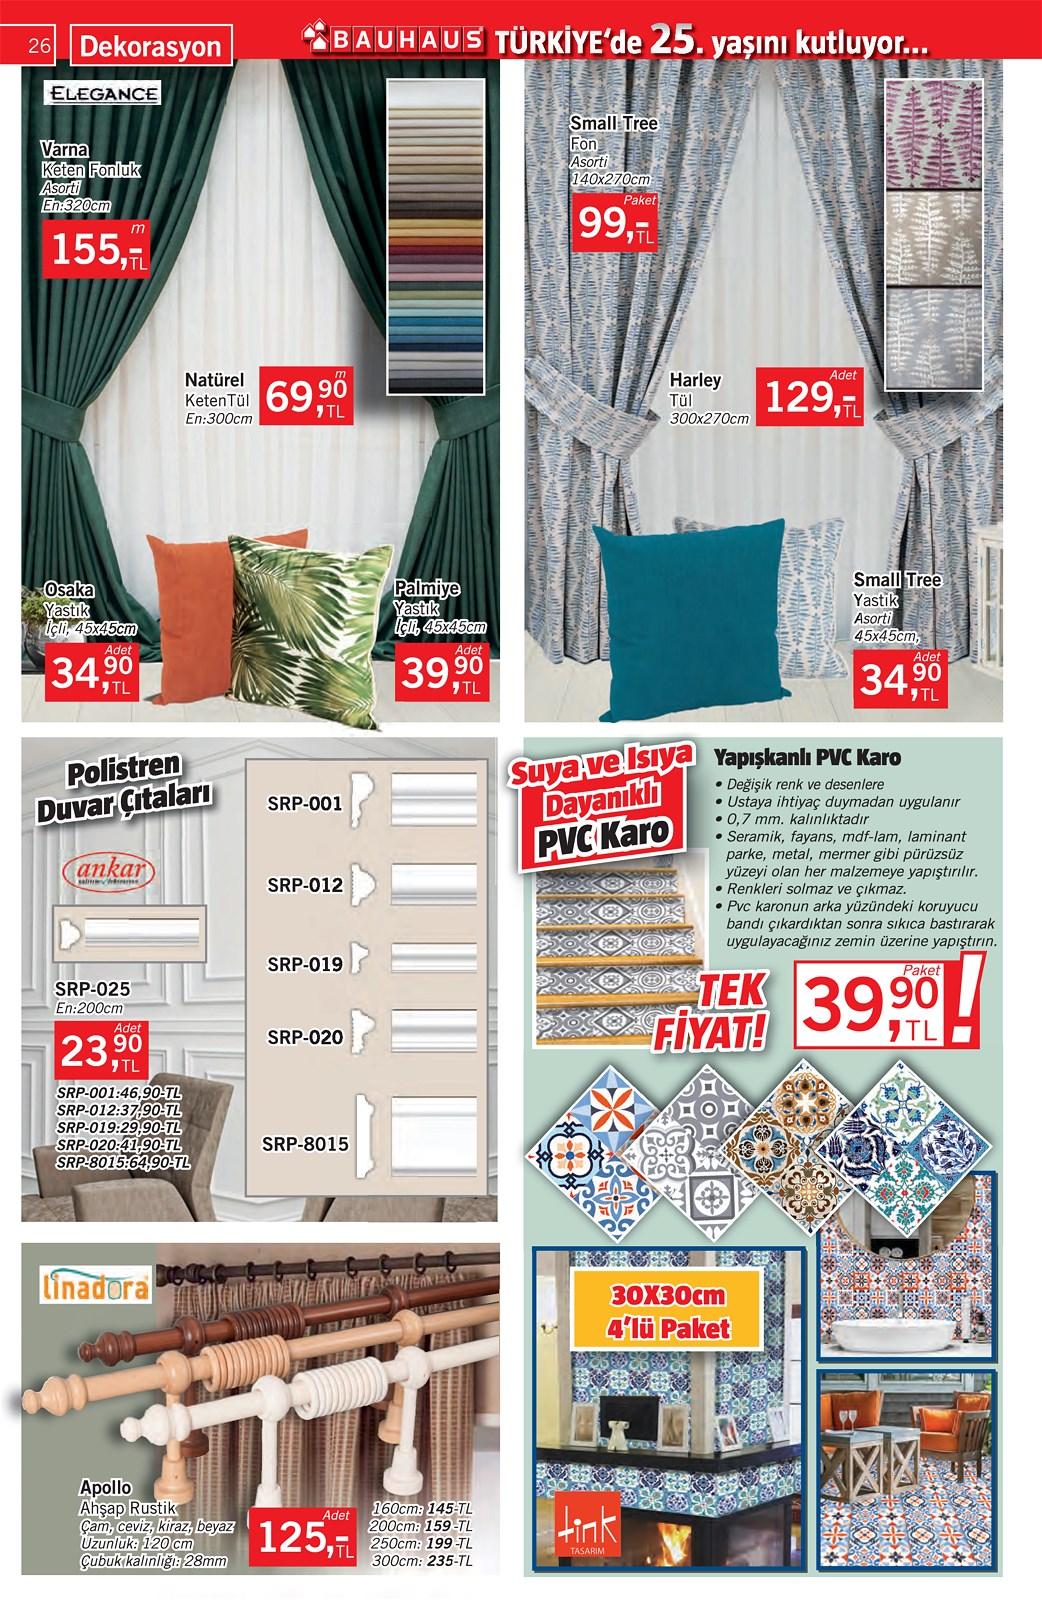 25.09.2021 Bauhaus broşürü 26. sayfa